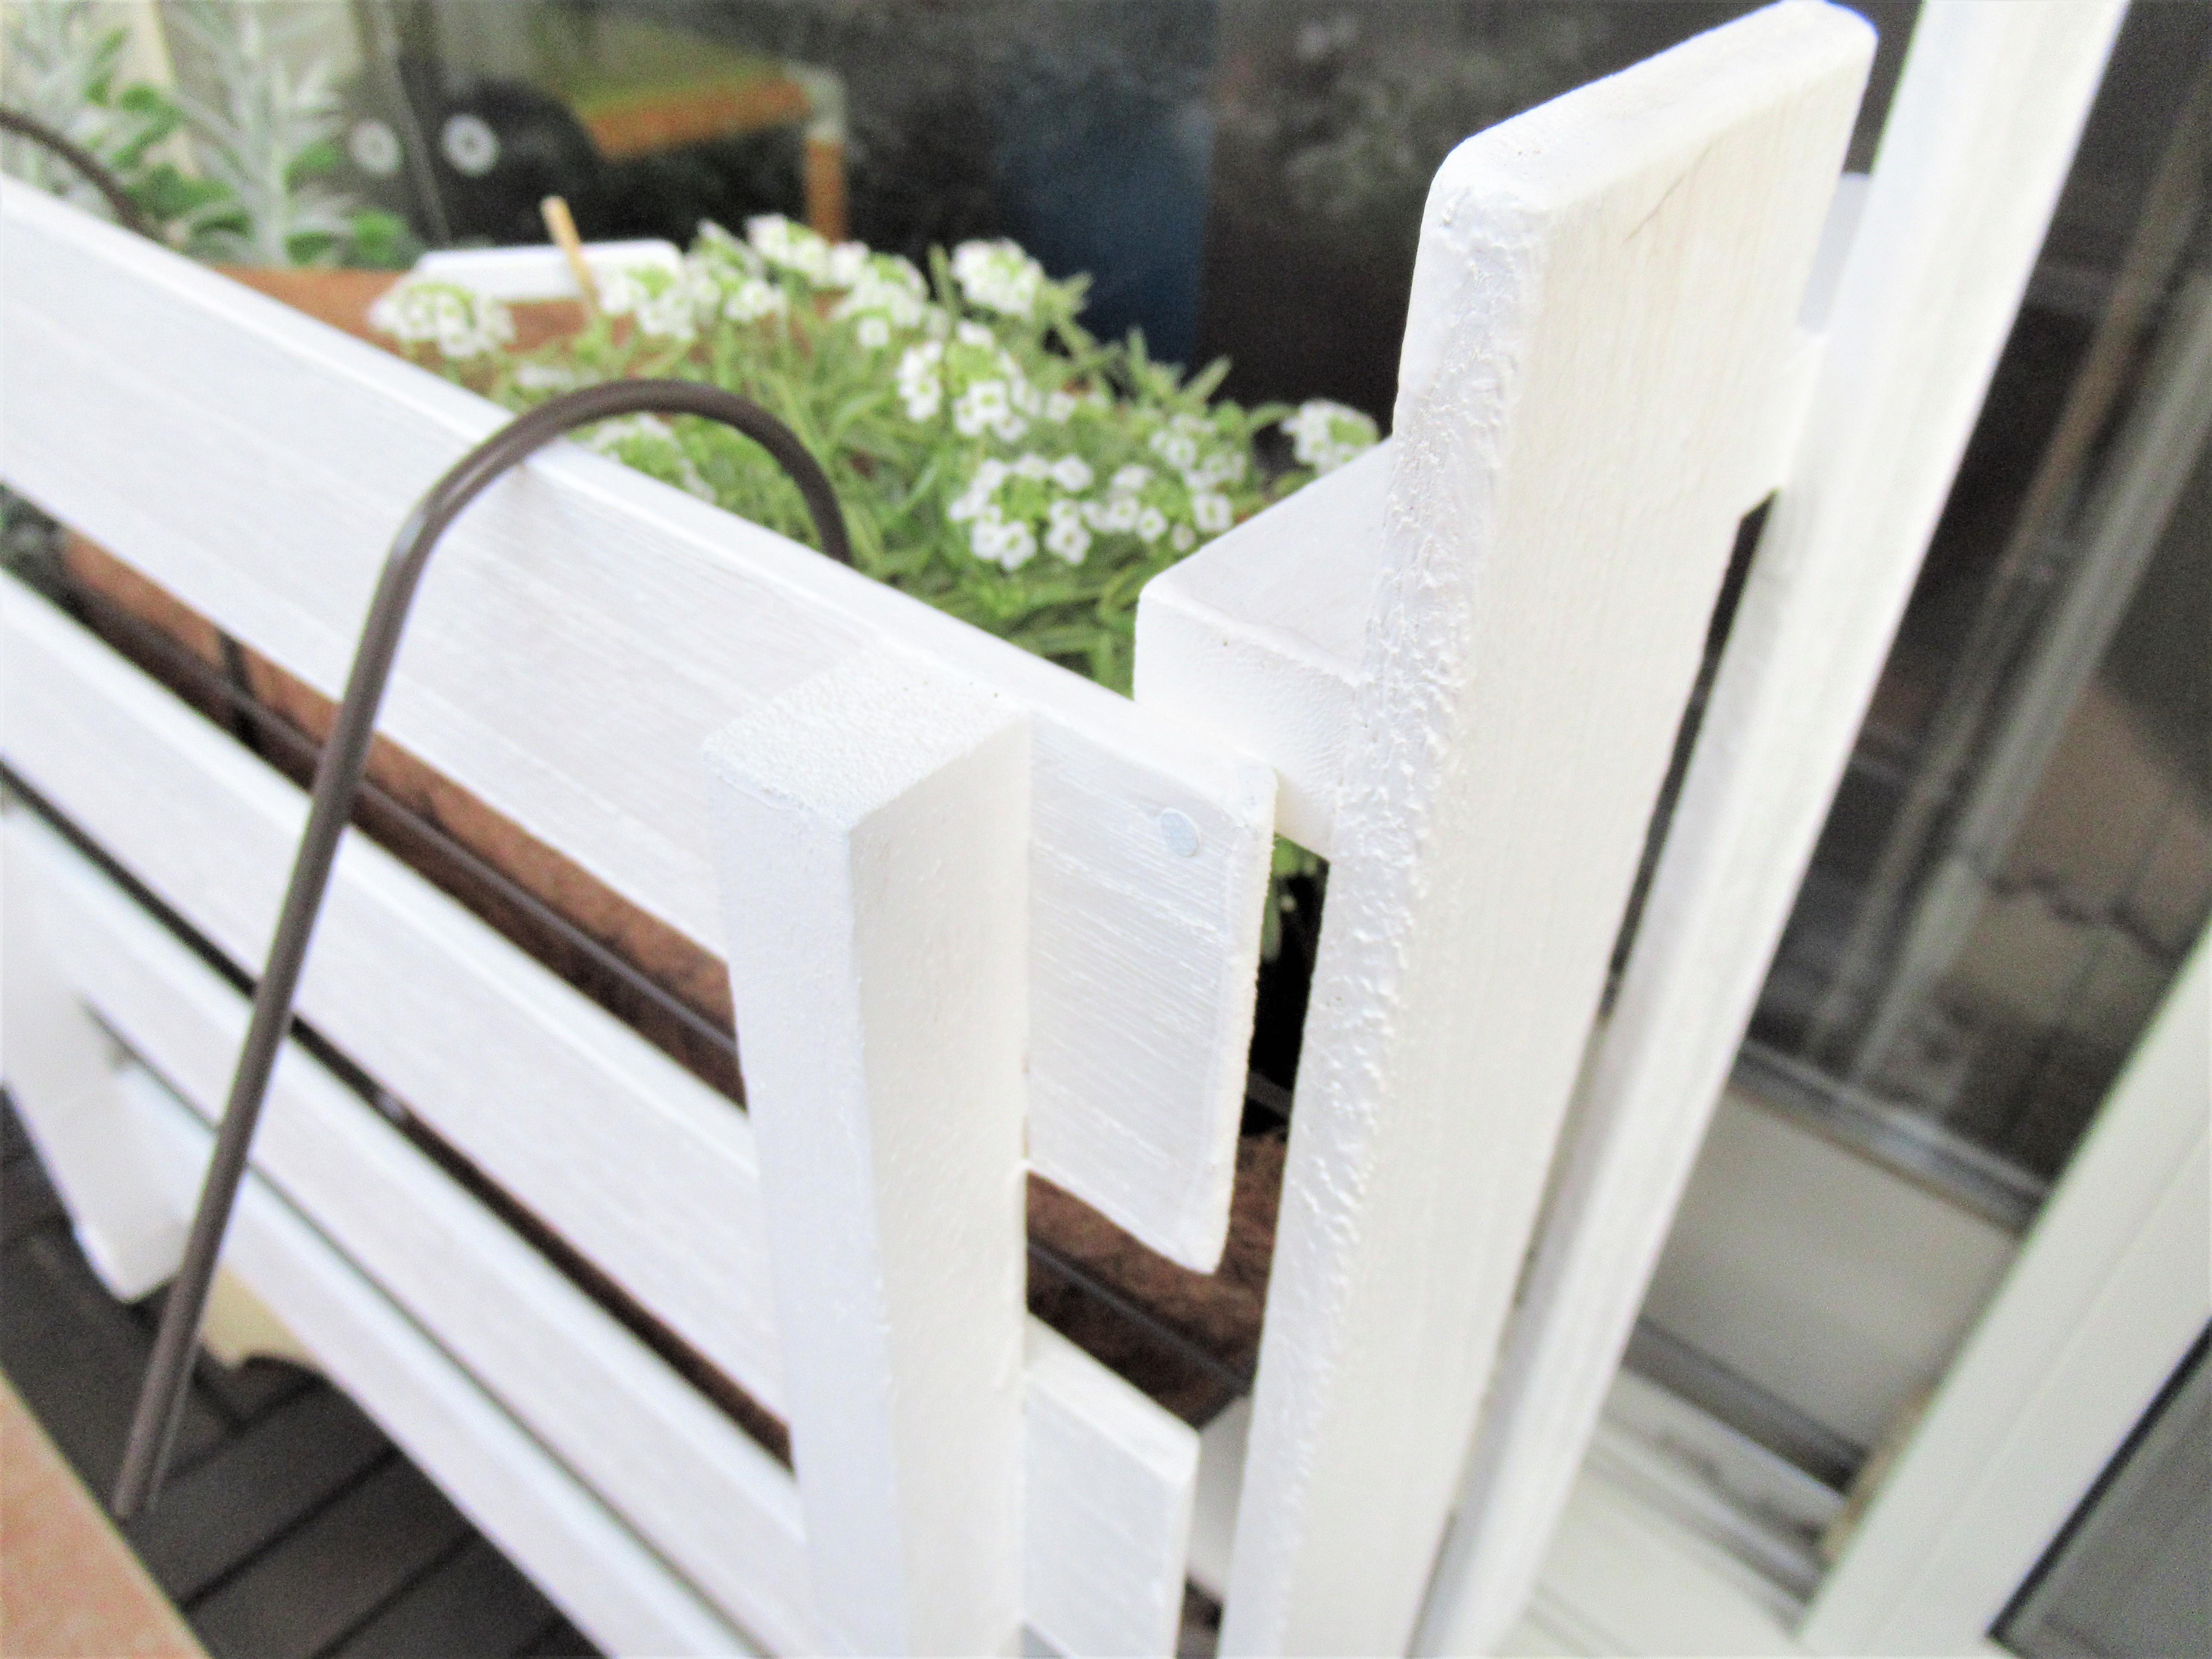 ガーデニング用の柵を「すのこ」で簡単手作り!ベランダのグレードアップと猫対策|子育てブログ